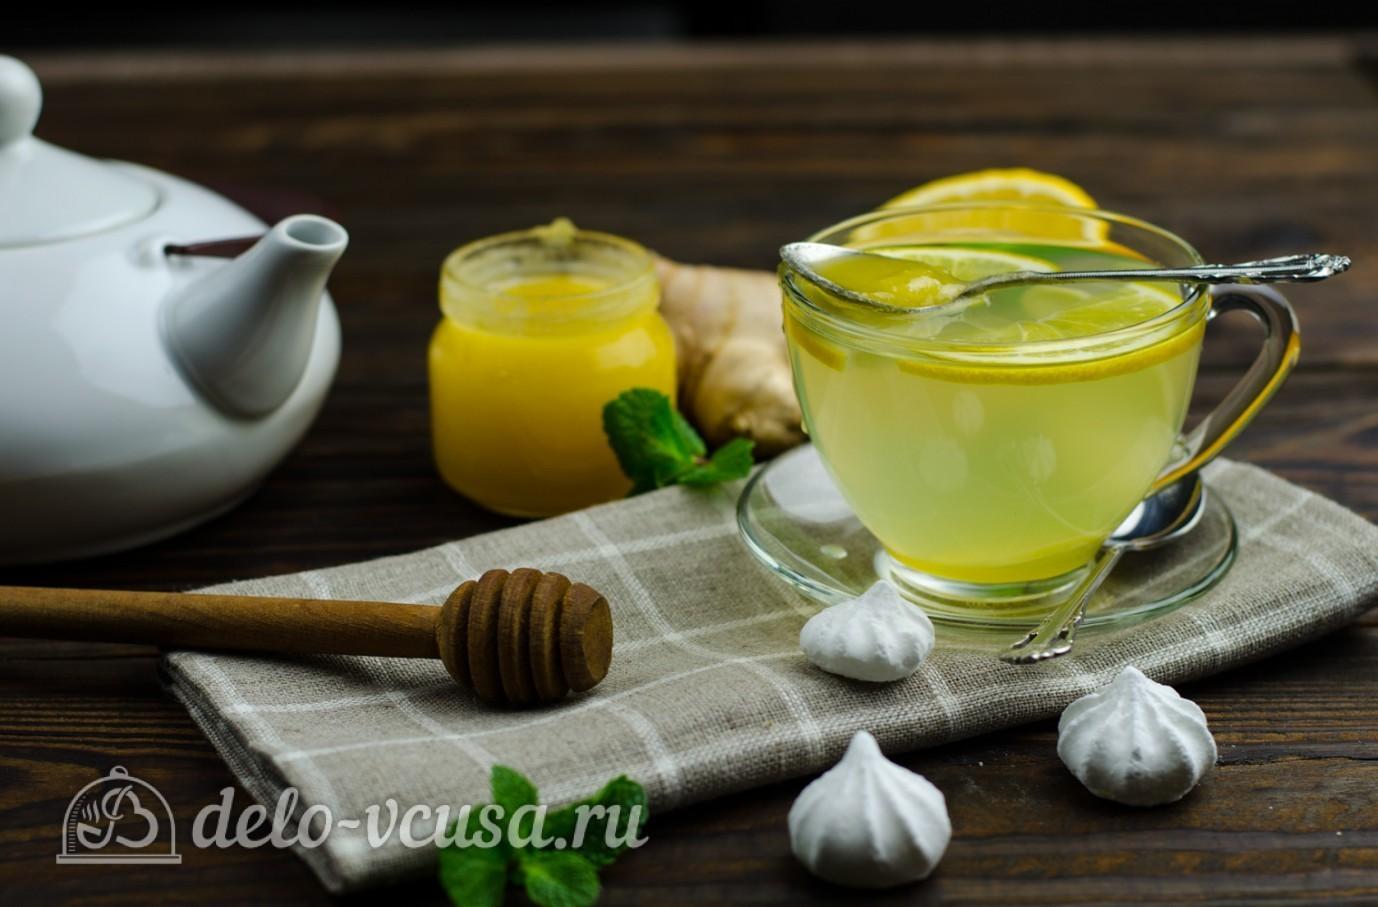 Польза чая с имбирем для похудения. 6 рецептов вкусного напитка